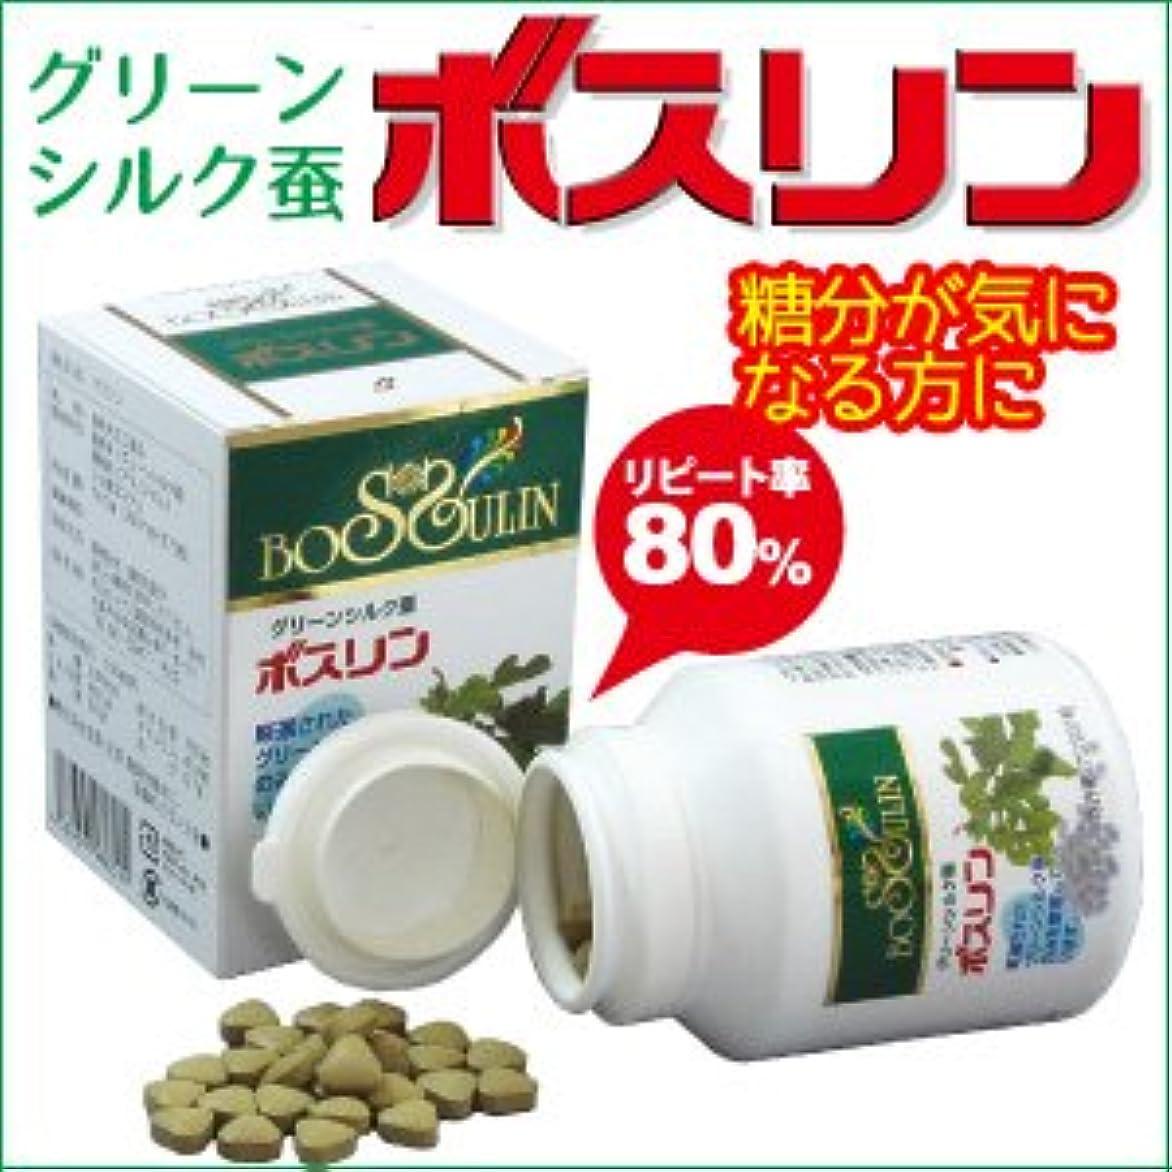 どこか和らげる競争ボスリン 桑の葉を主食とする厳選された蚕を使用したグリーンシルク蚕(蚕粉末)を配合!